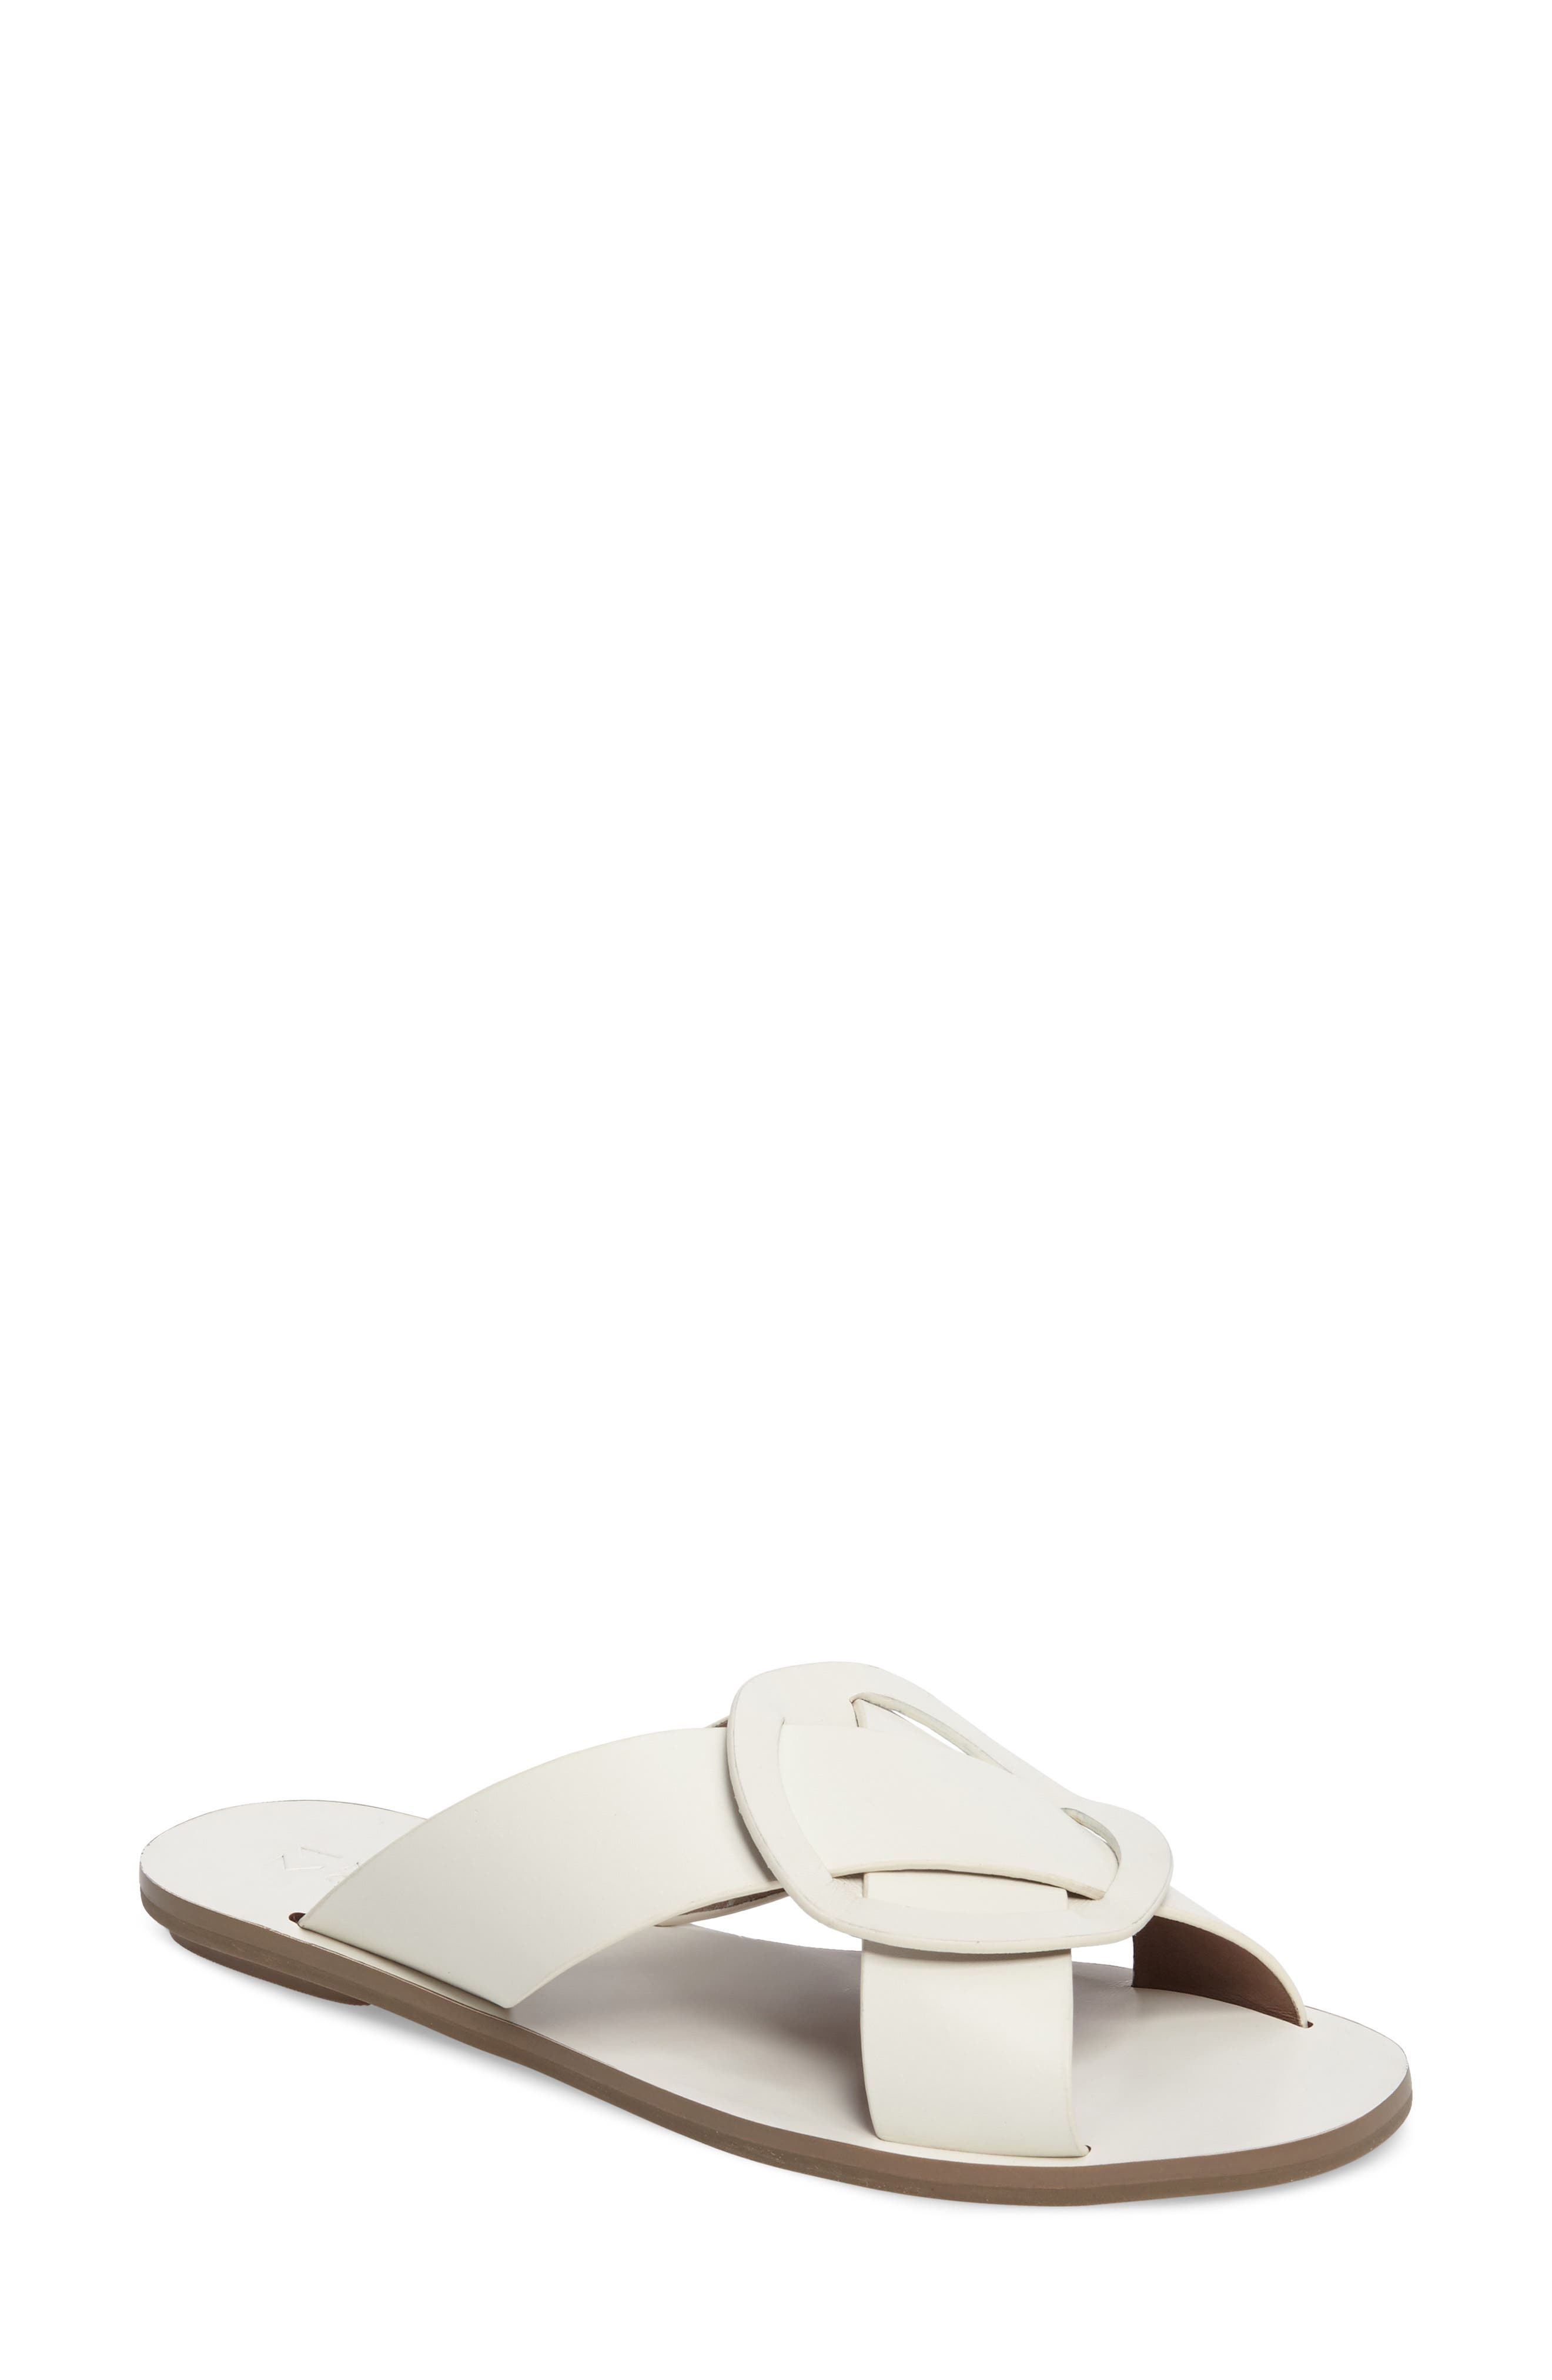 Alternate Image 1 Selected - Mercedes Castillo Carlein Slide Sandal (Women)